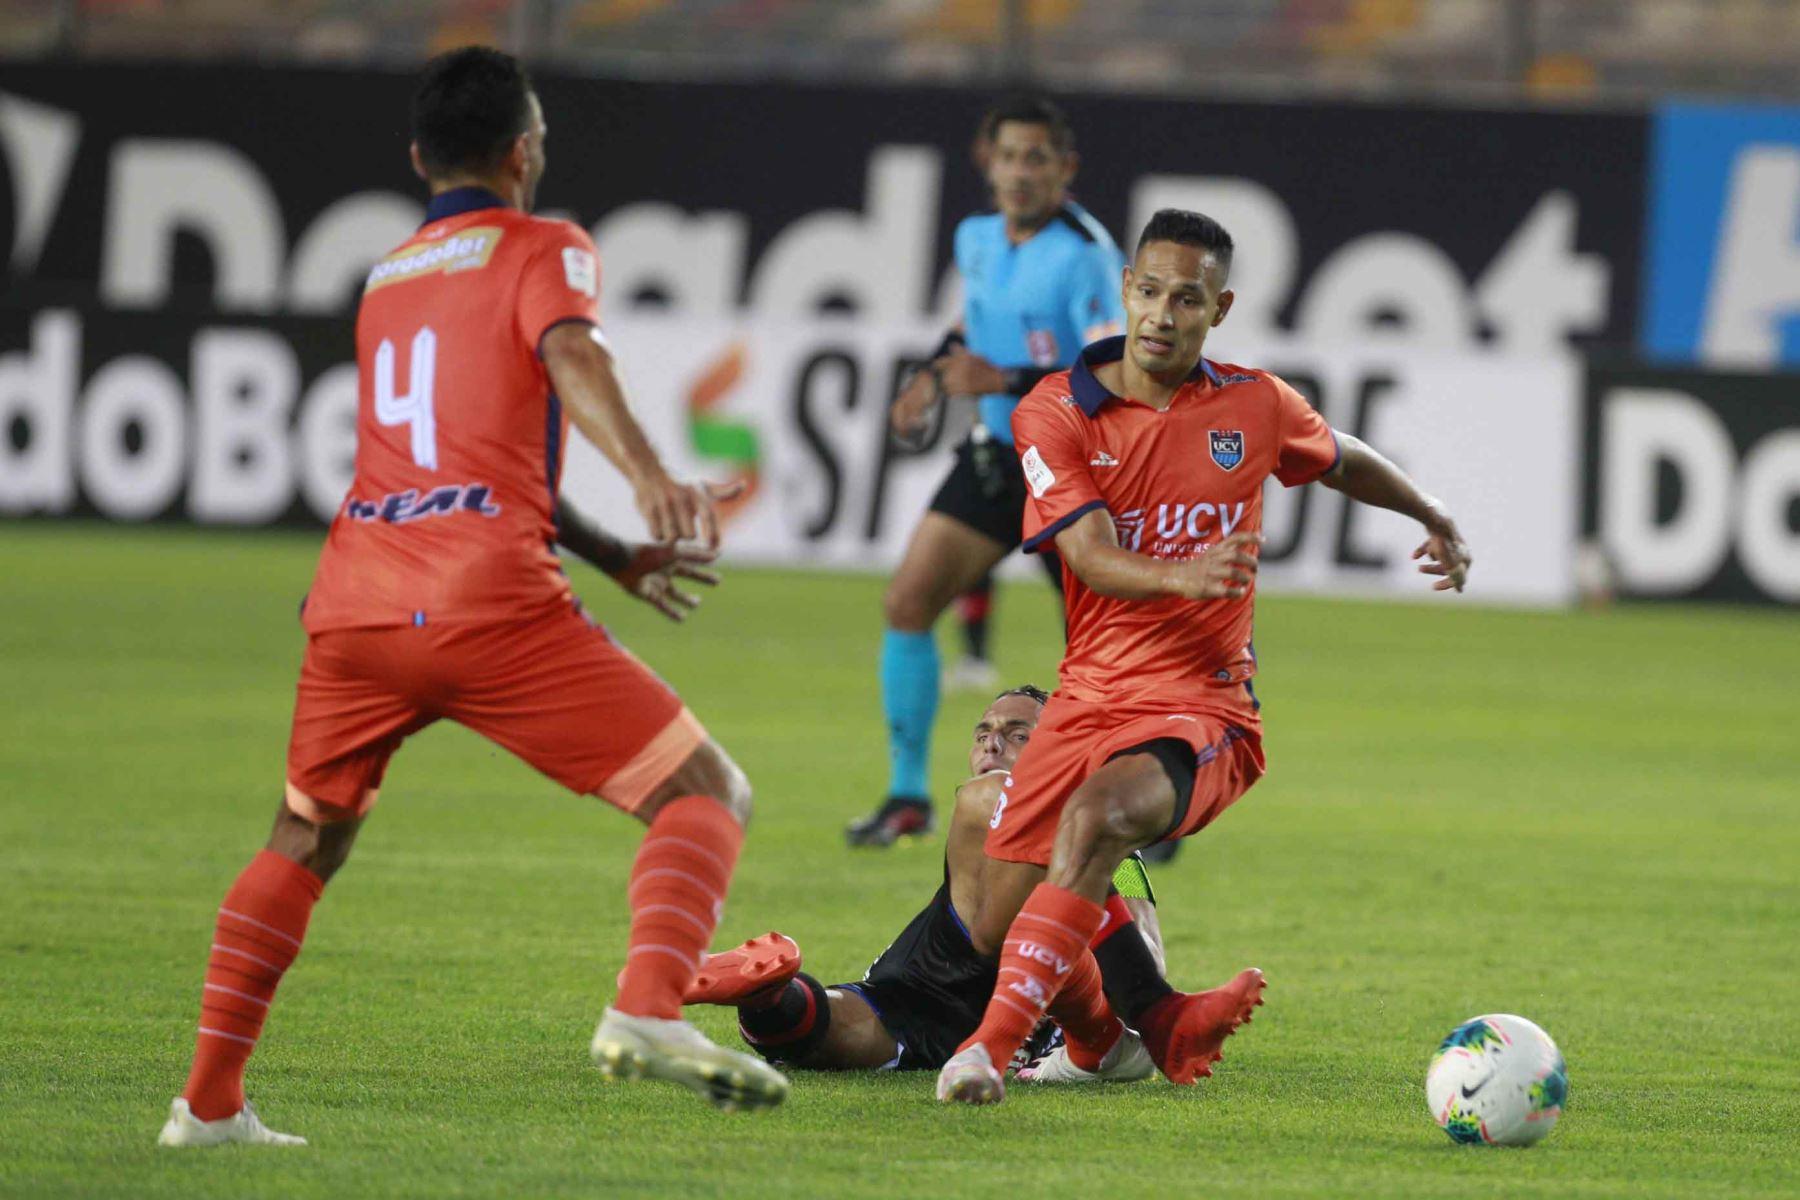 L . Fleitas de César Vallejo , disputa el balón ante el jugador de Manucci  por la cuarta fecha de la Liga 1, en el el estadio Monumental. Foto: Liga 1